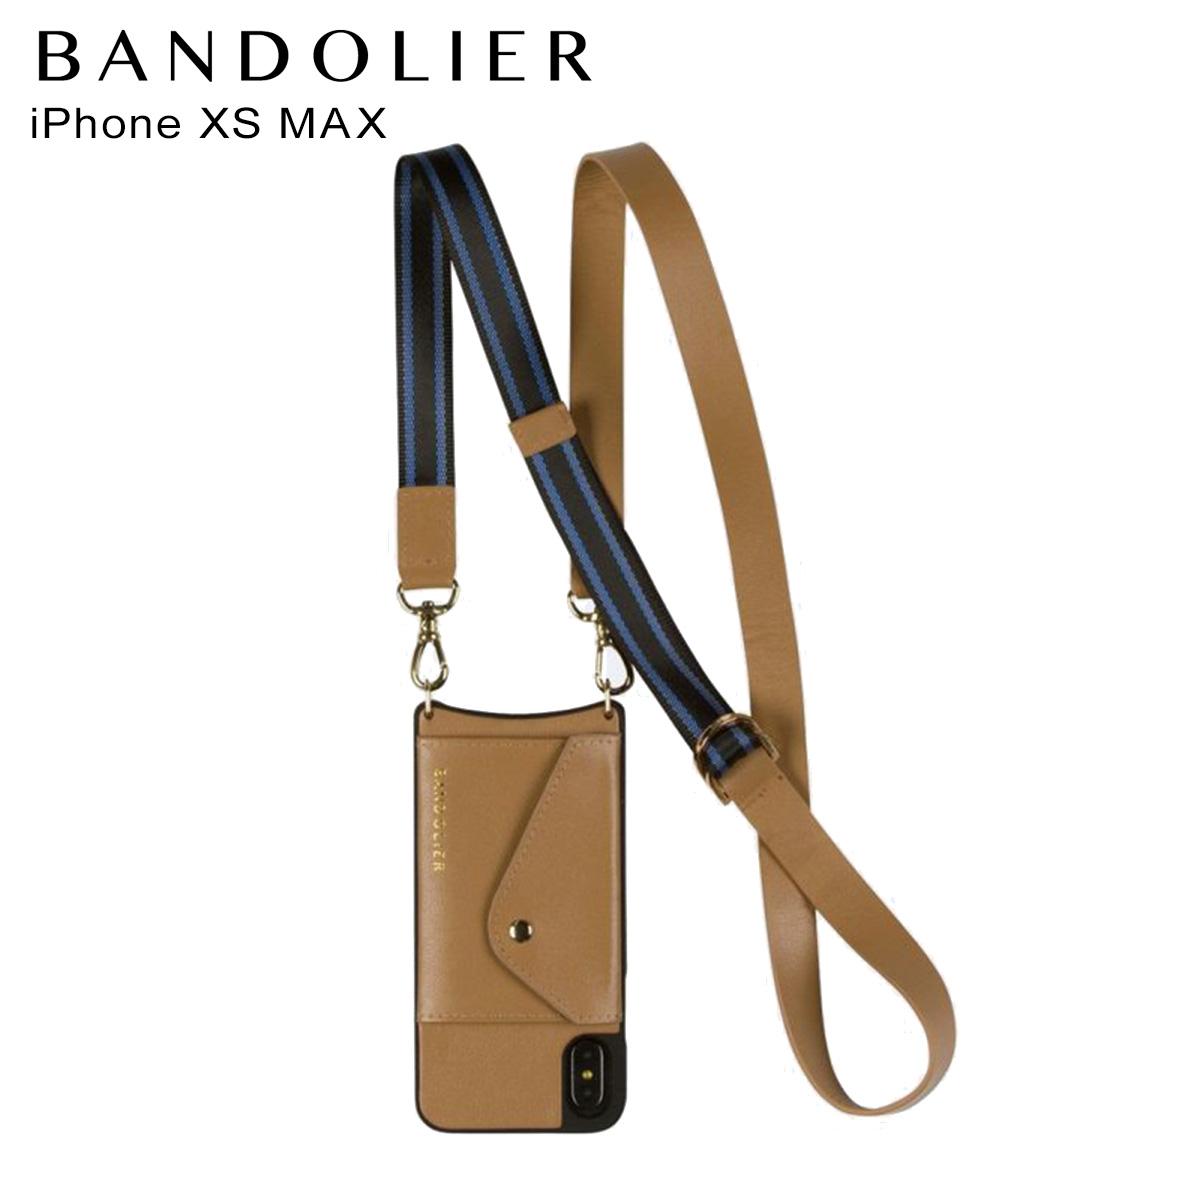 バンドリヤー BANDOLIER iPhone XS MAX ケース スマホ 携帯 レディース OLIVIA SIDE SLOT TAN BLUE キャメル 14oli